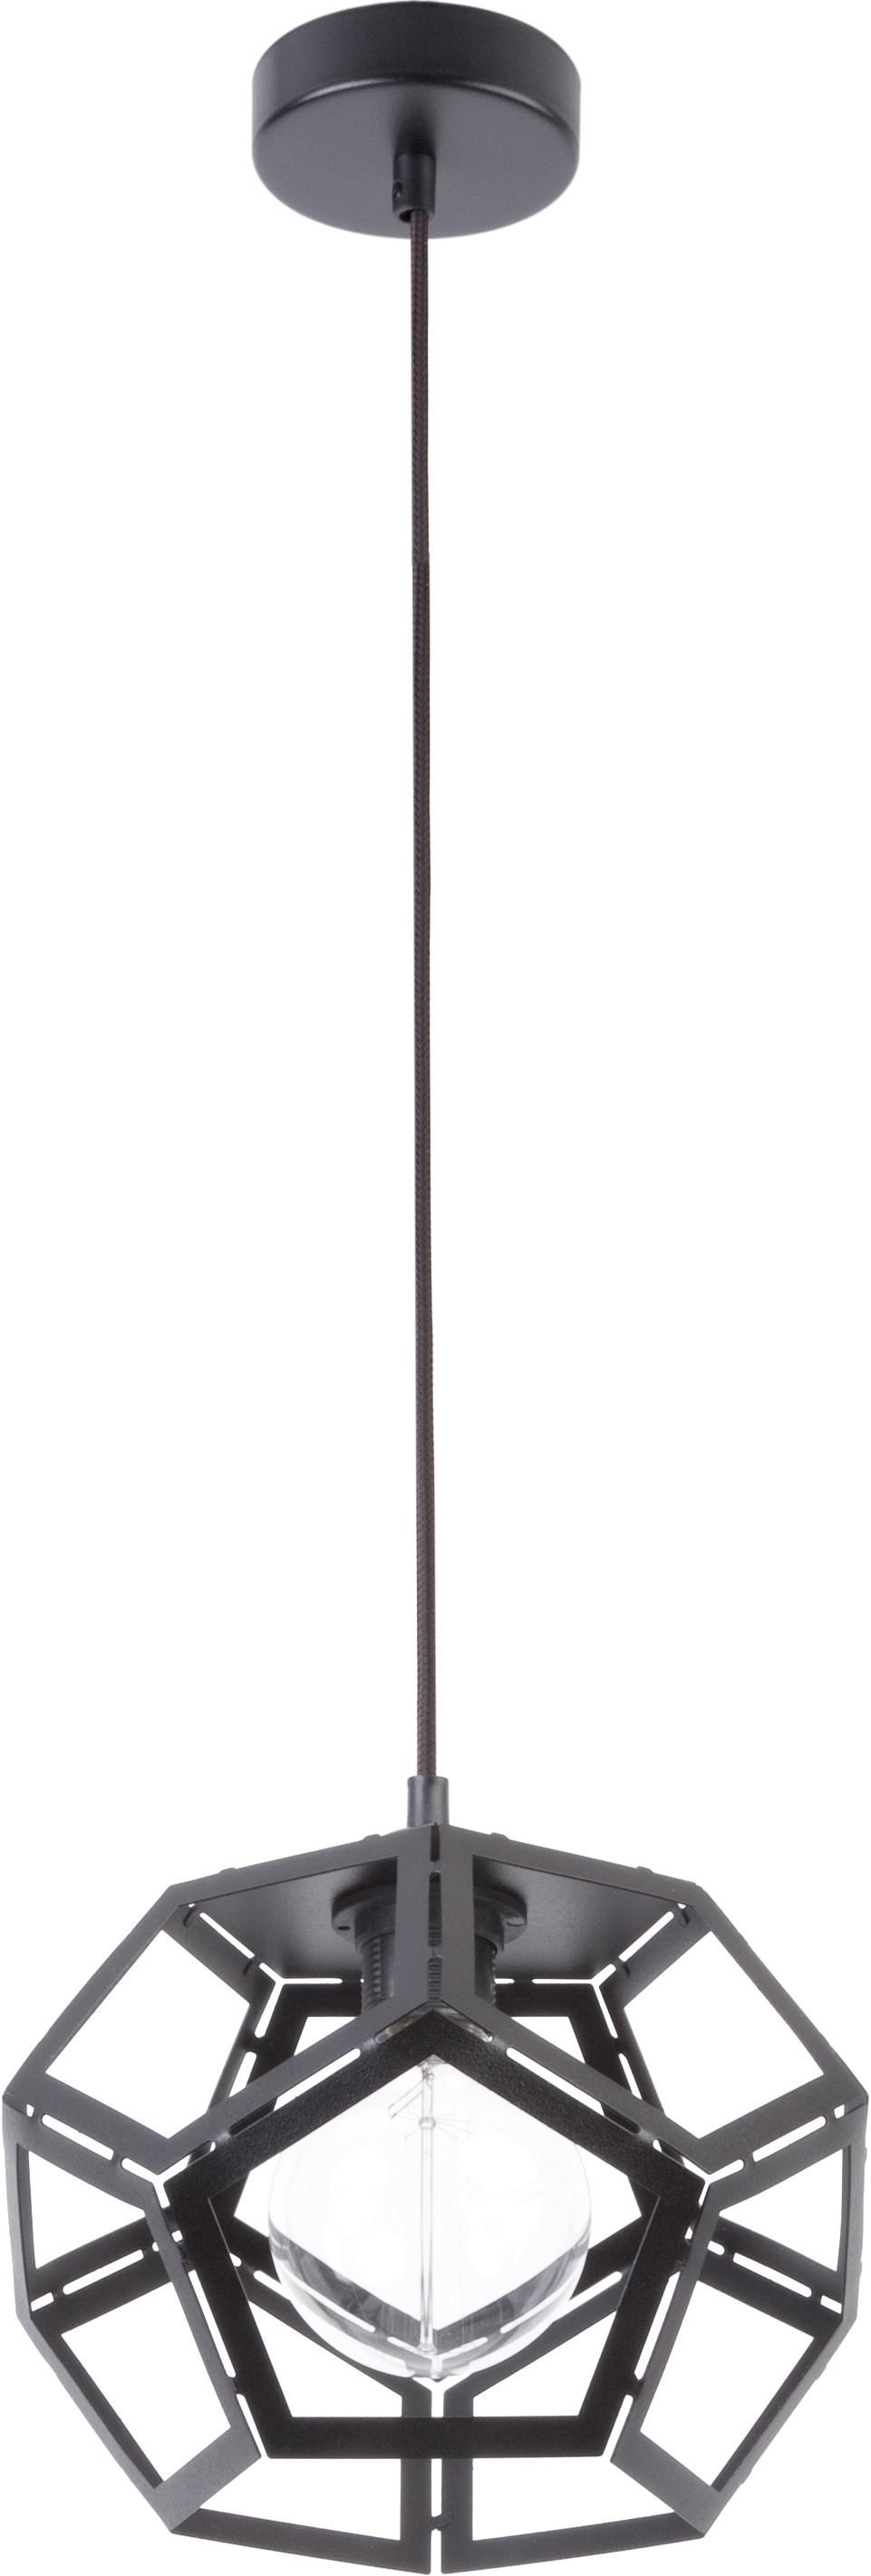 Lampa wisząca ATO M czarna 31877 - Sigma Do -17% rabatu w koszyku i darmowa dostawa od 299zł !